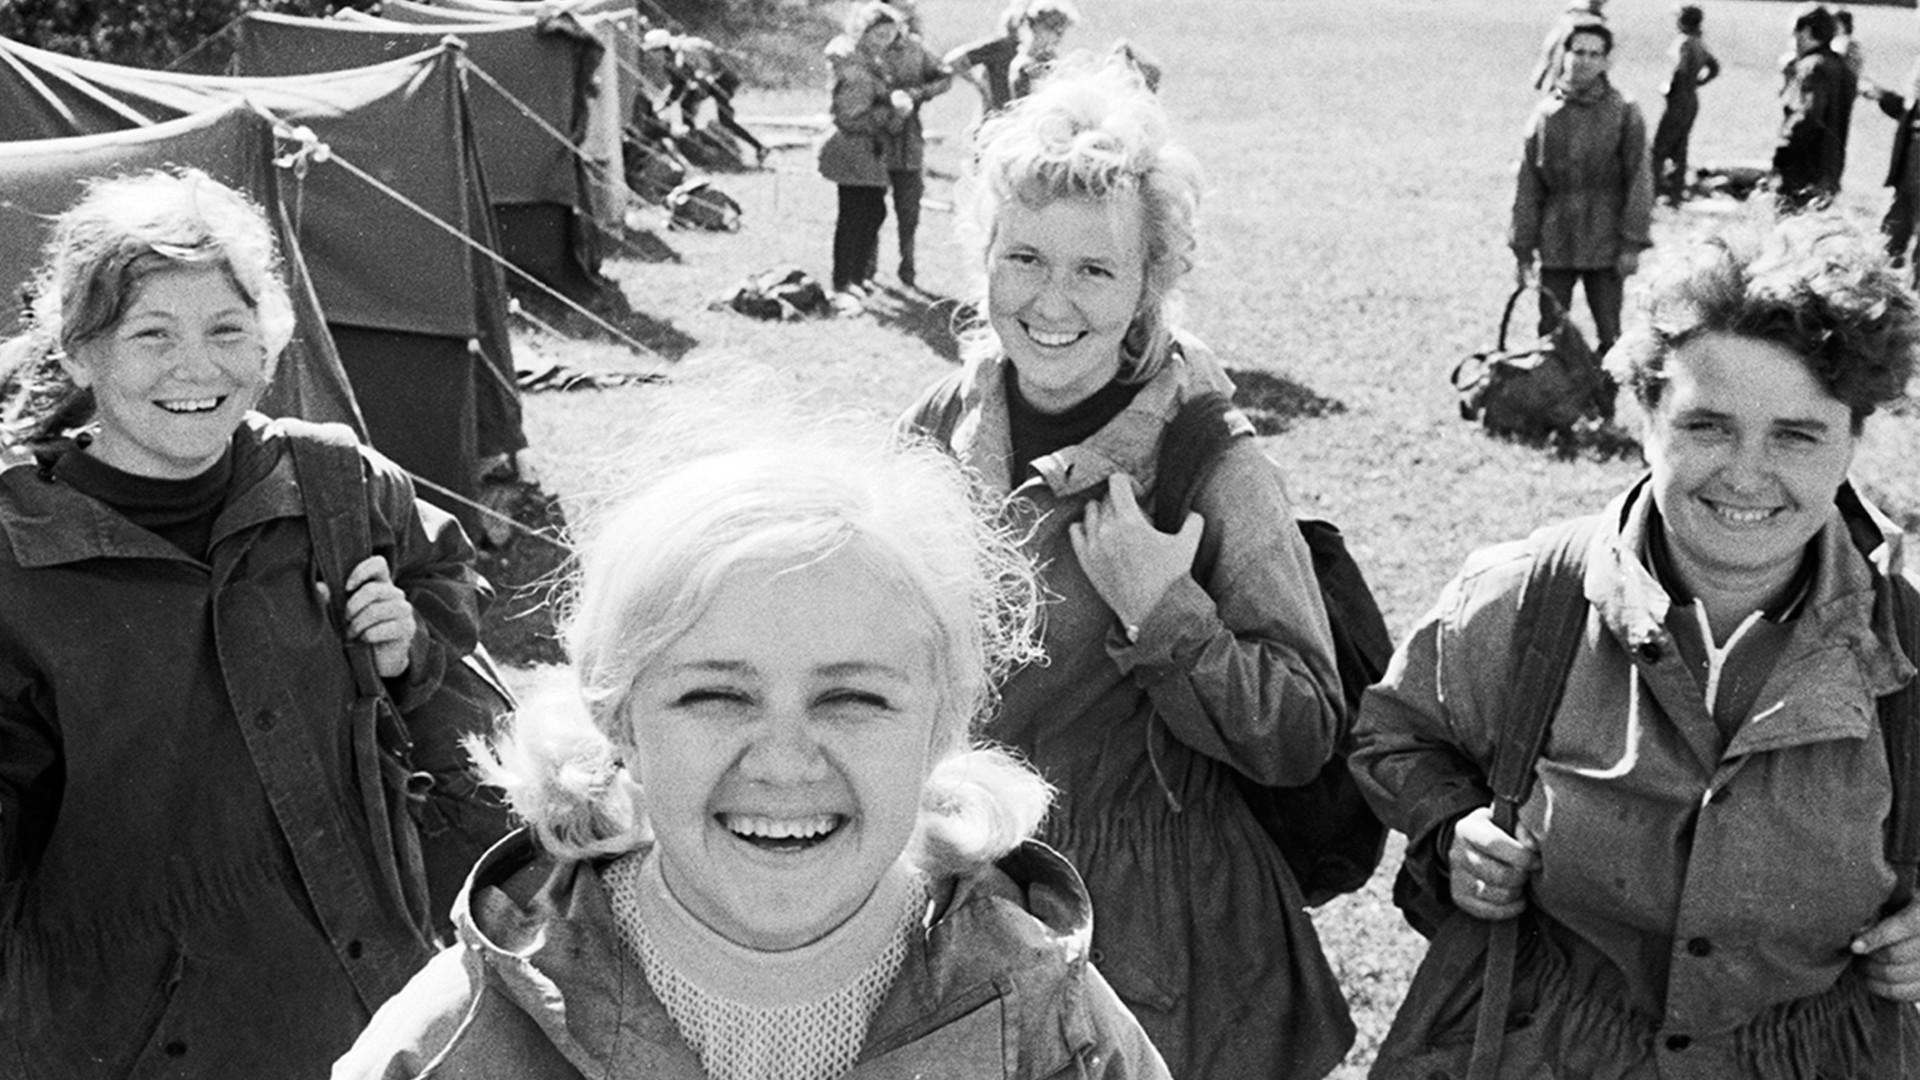 14 мая 1972 г. Туристы на привале.